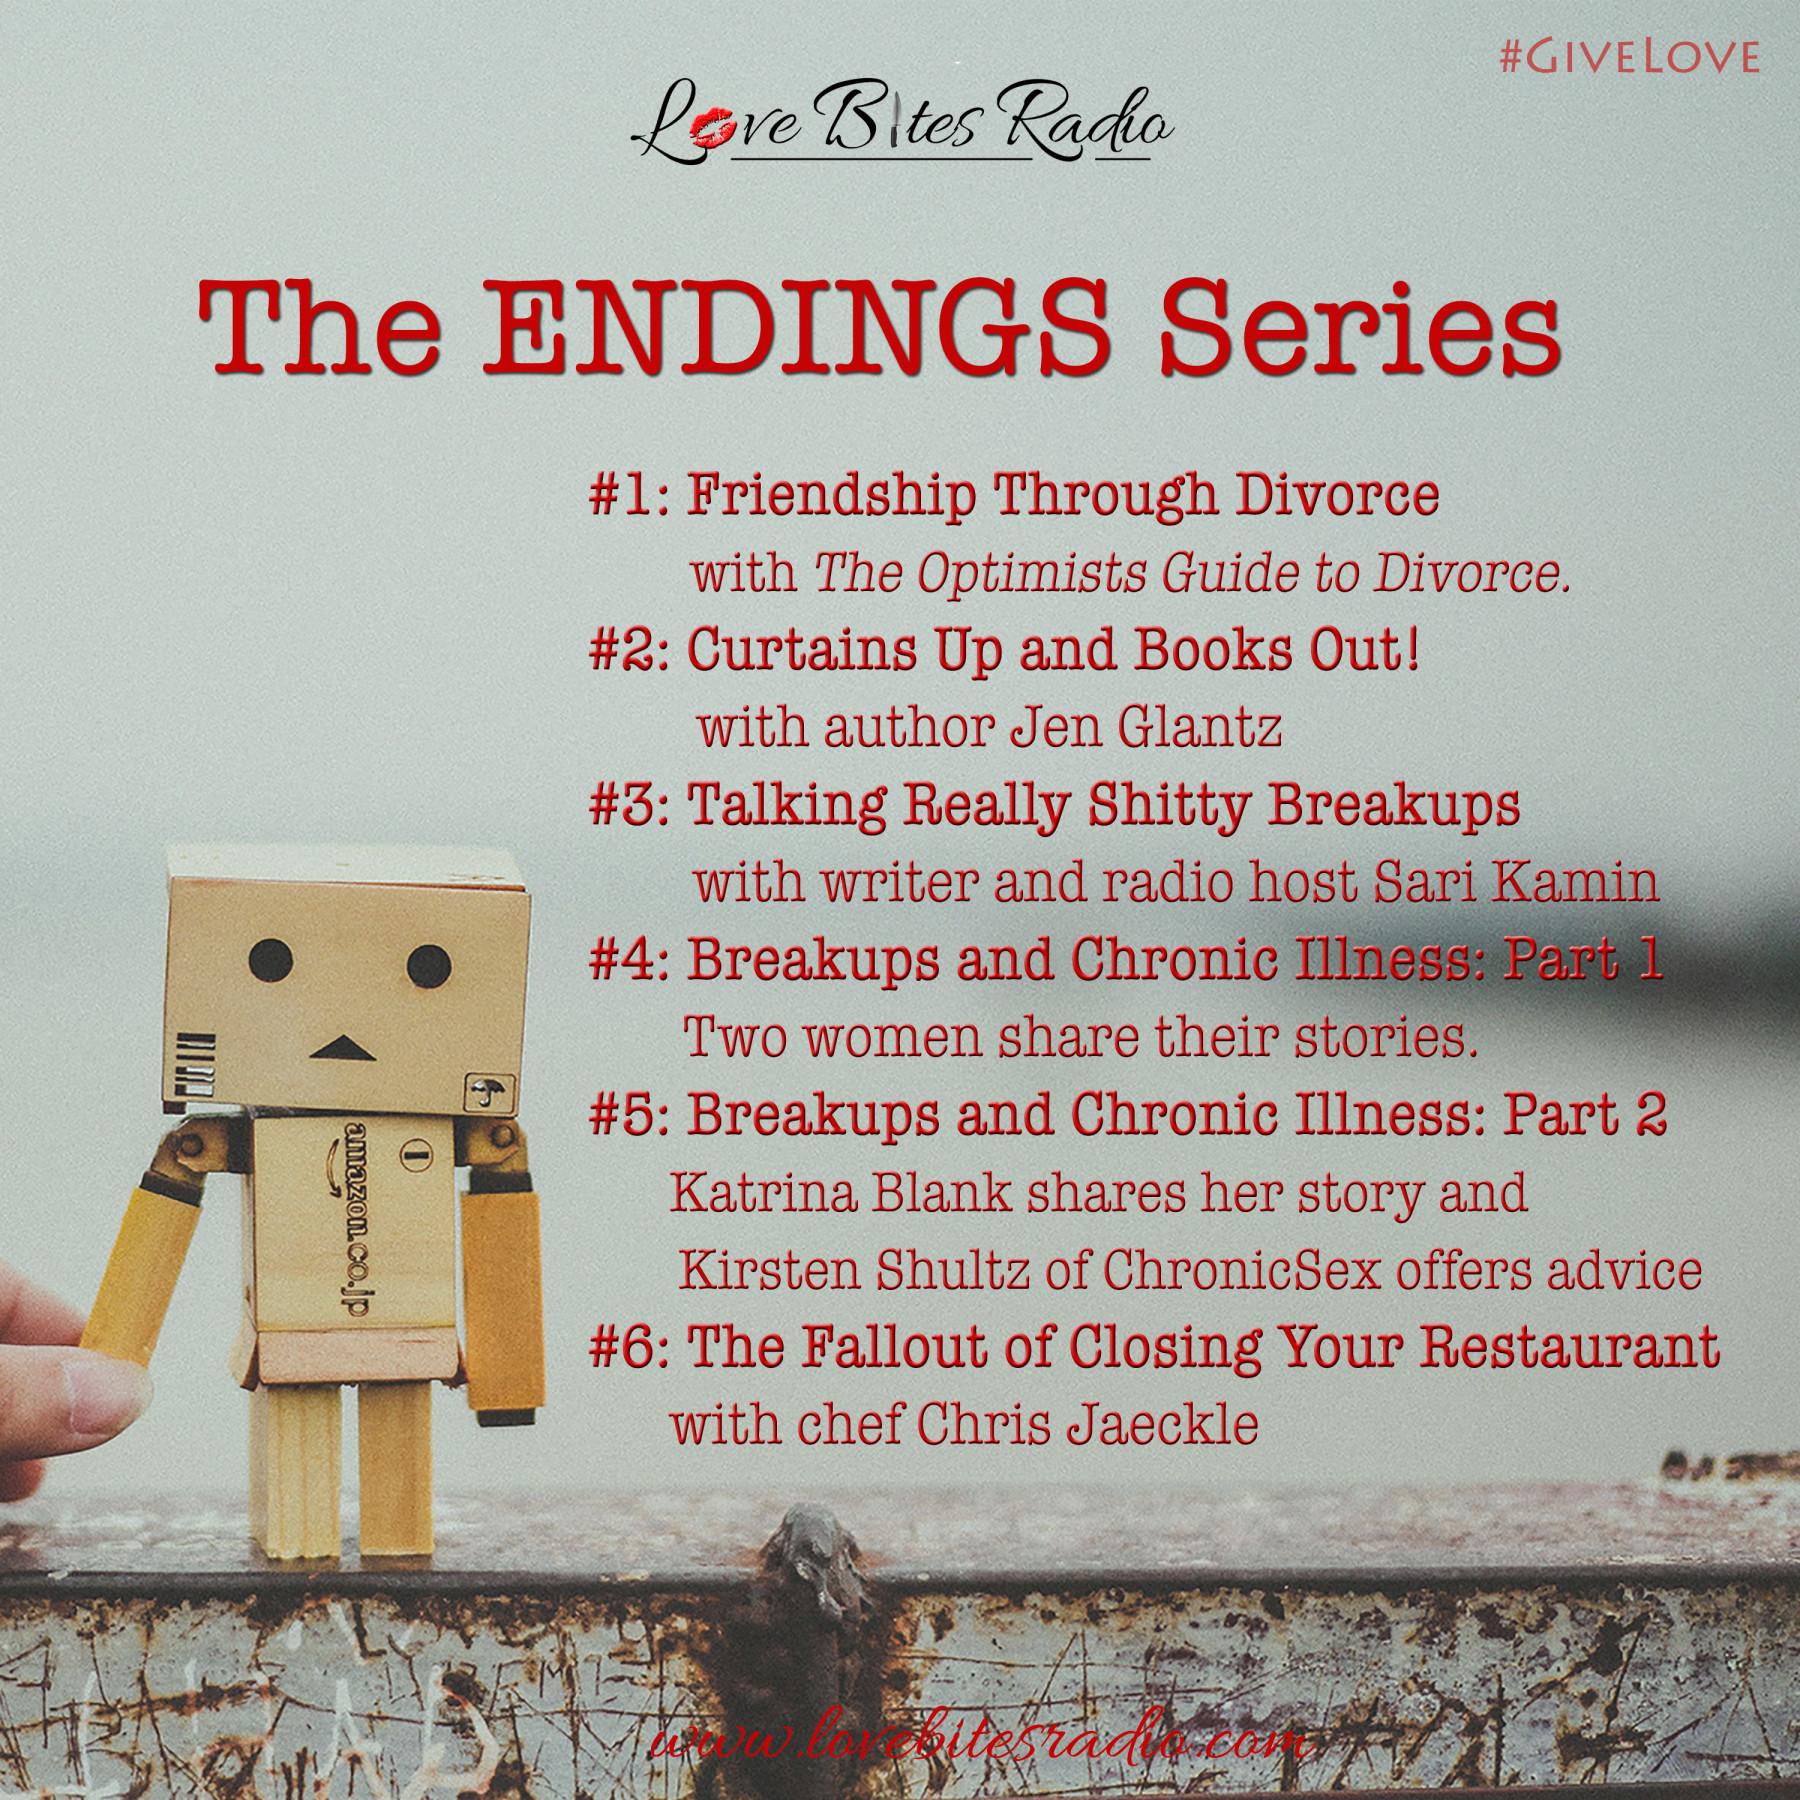 The Endings Series